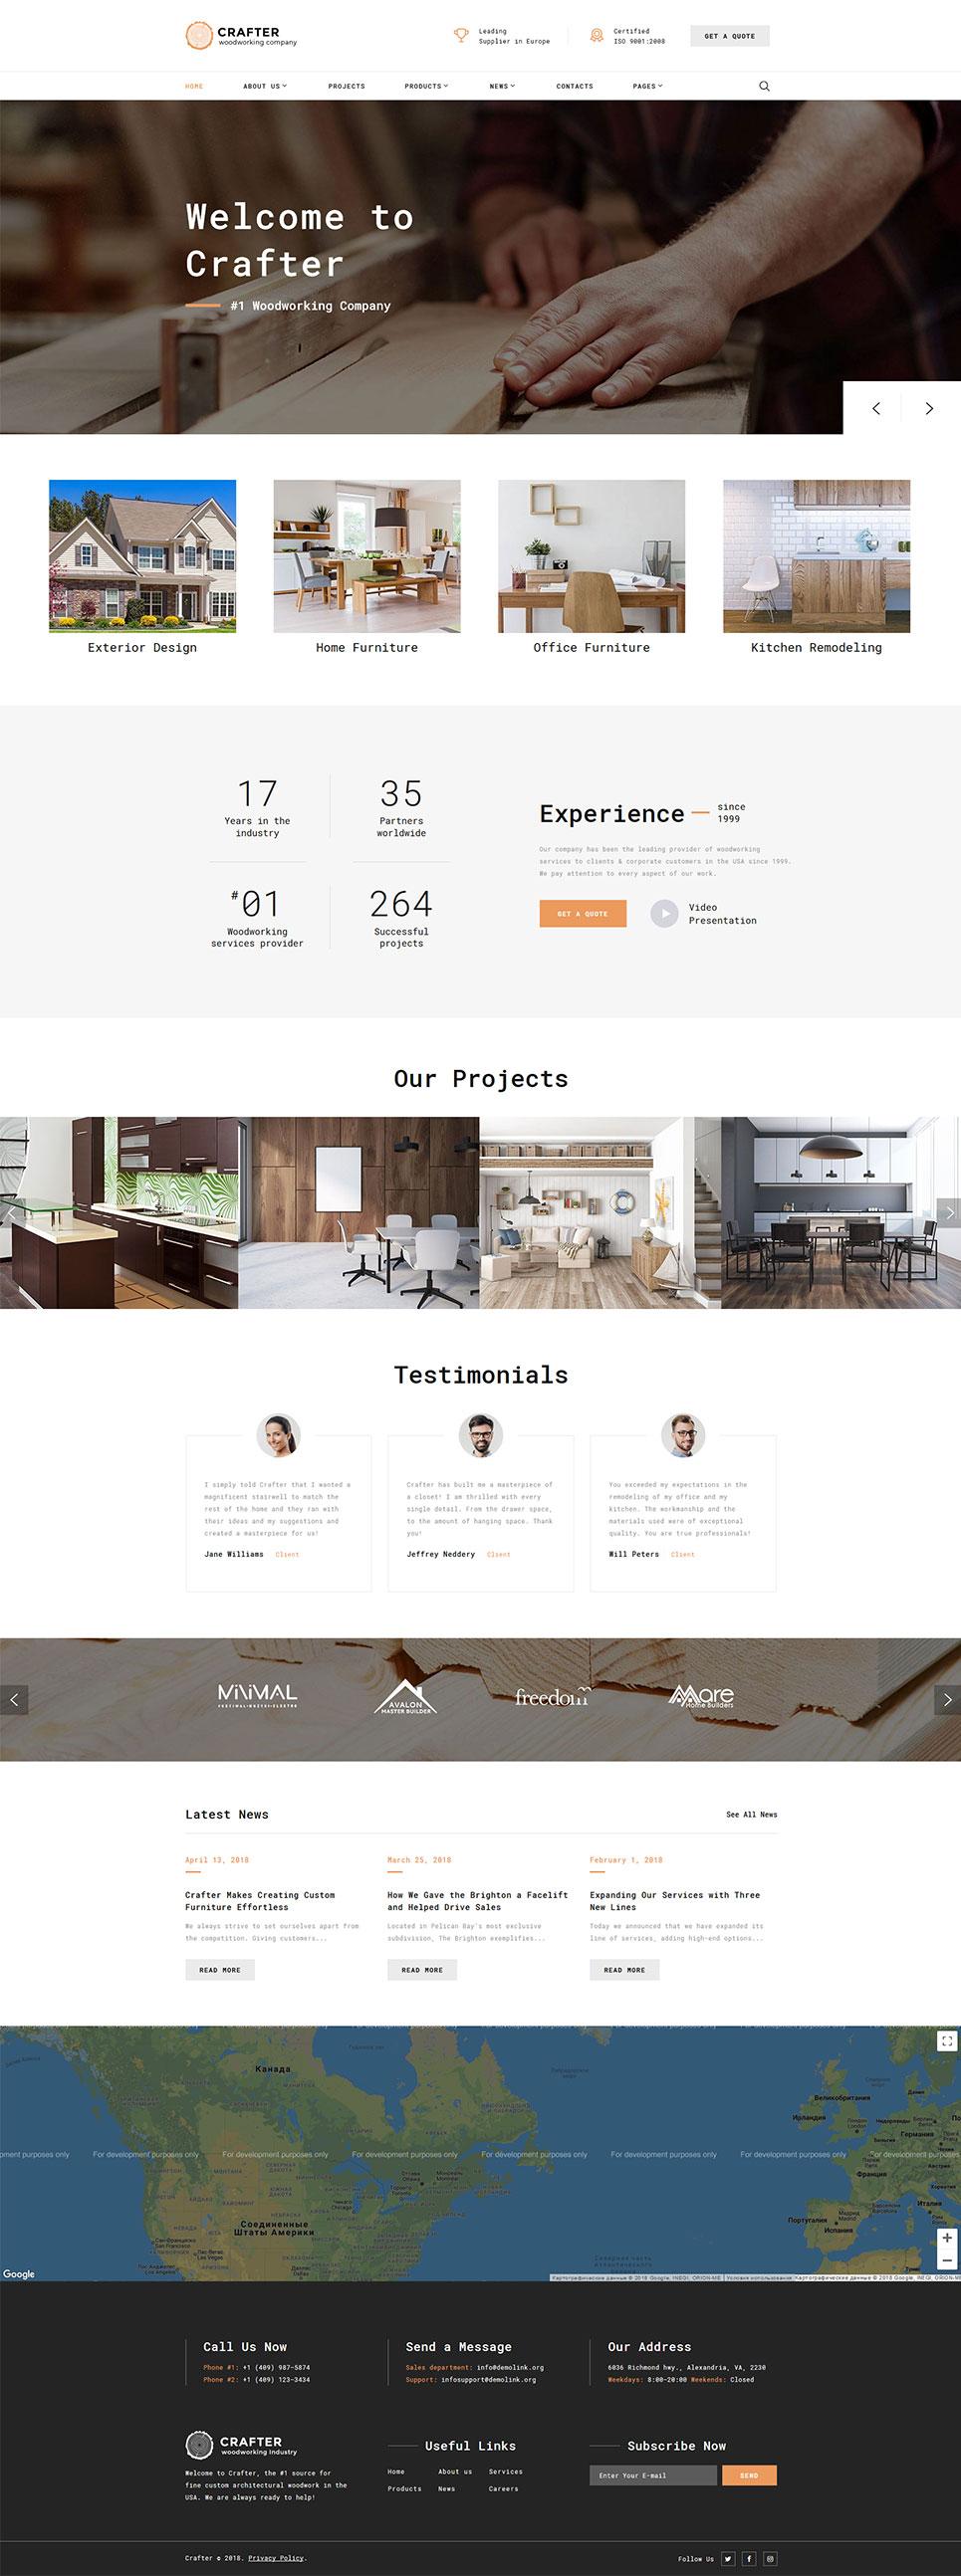 Modello siti web per un sito di arredamento e design for Siti design arredamento